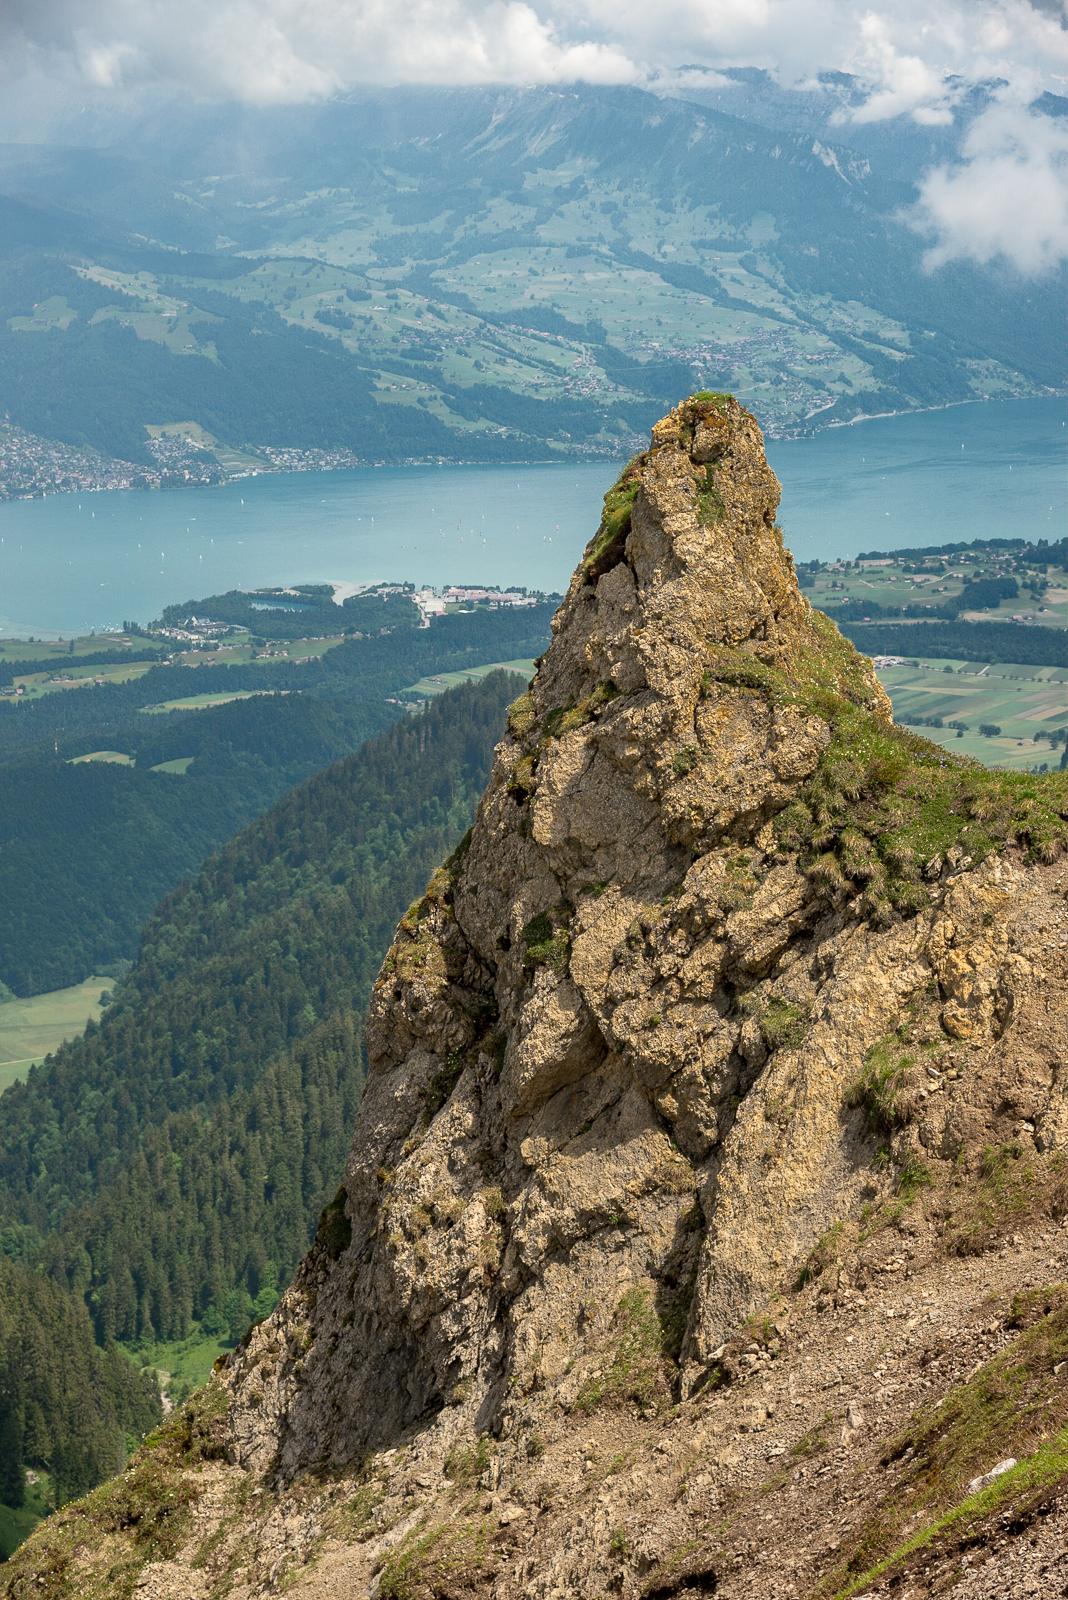 Auf dem Weg nach oben, Blick auf den Thuner See